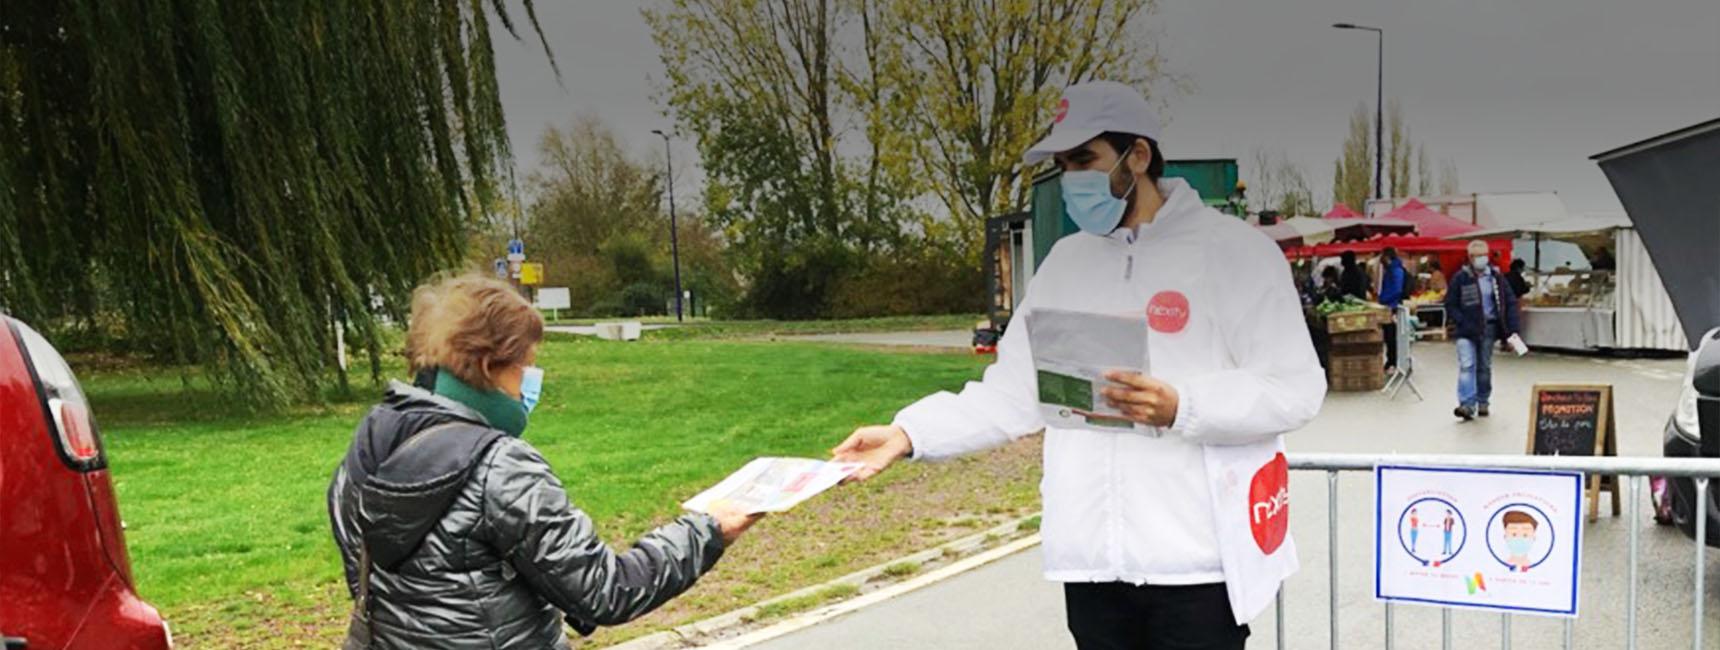 Street Marketing et dépôt boites au lettre pour Nexity avec Keemia Lille agence de marketing de référence en région Nord